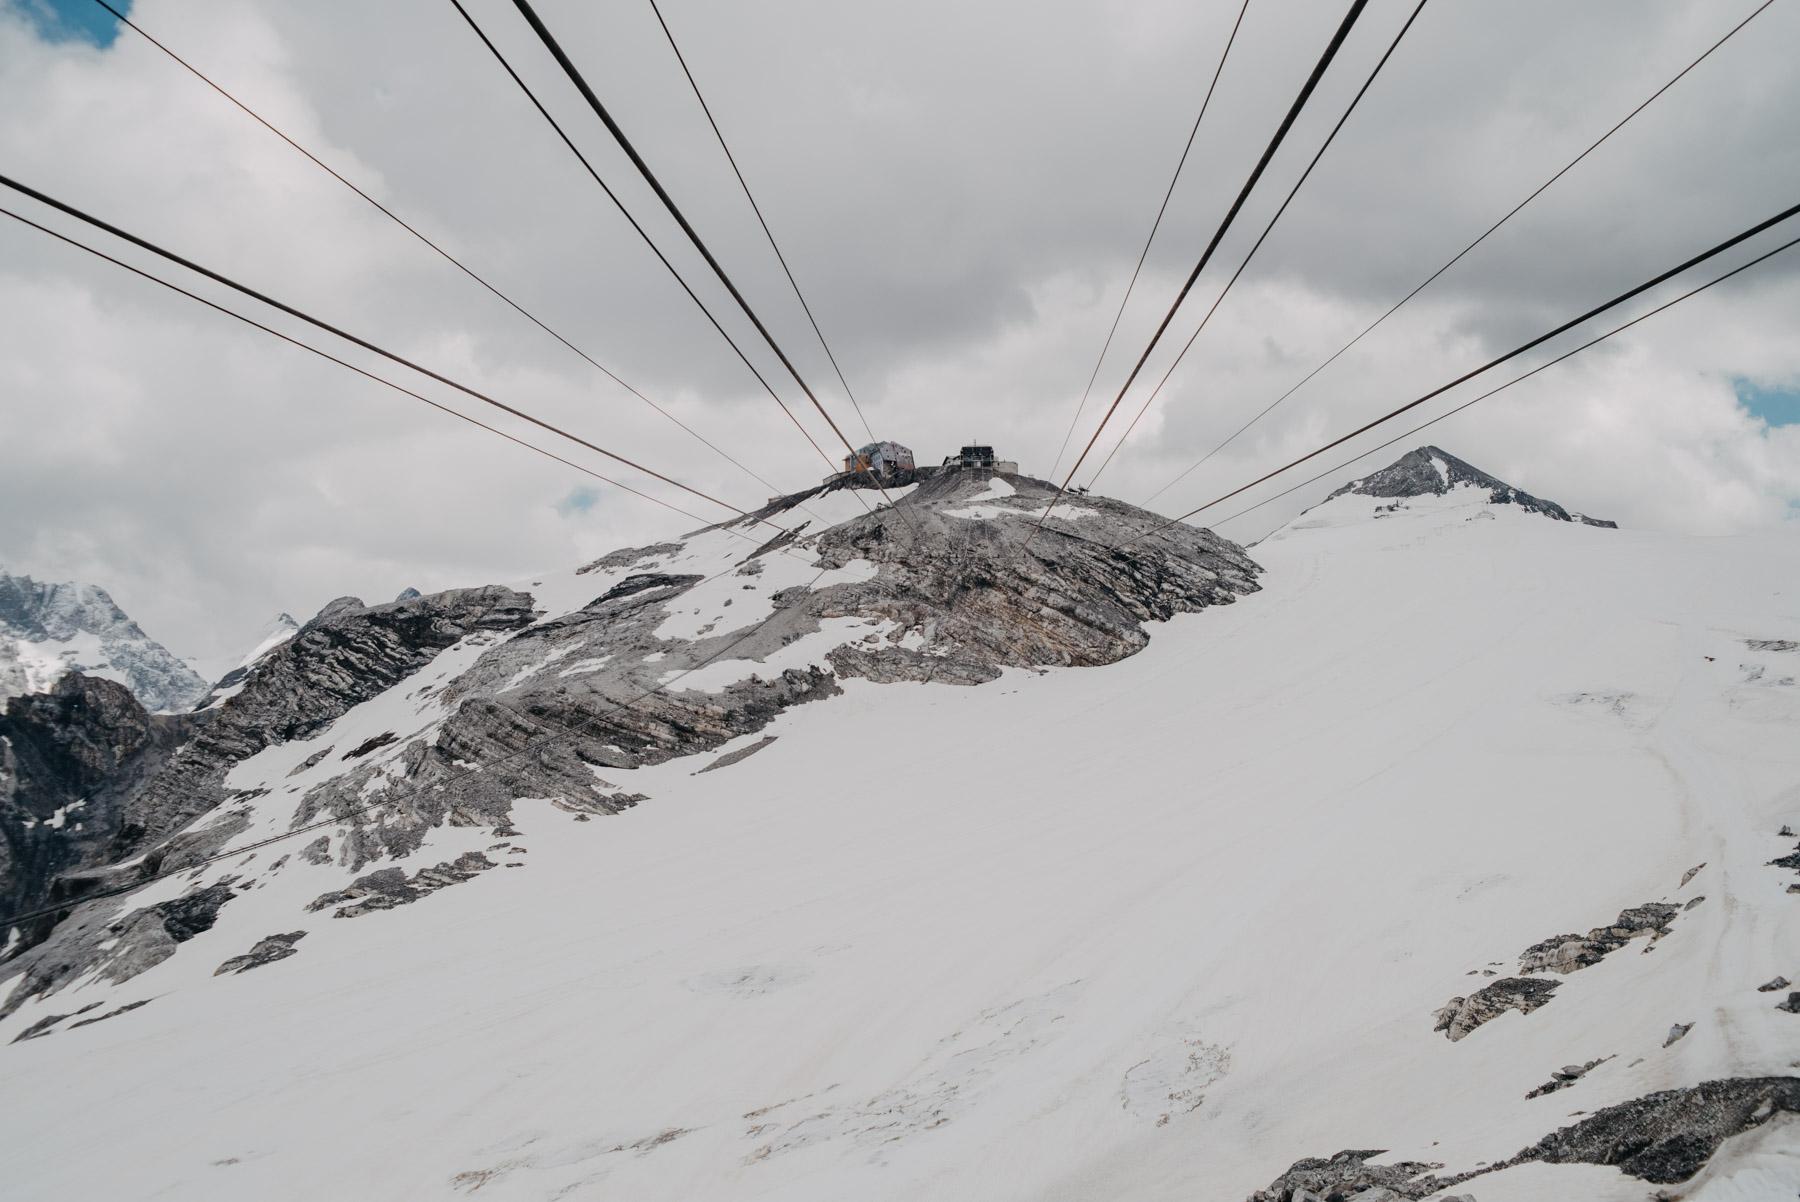 Summer snow on the mountains near the Stelvio pass with cables of the cableway in sight, Neve estiva sulle montagne del passo dello Stelvio con i cavi della funivia